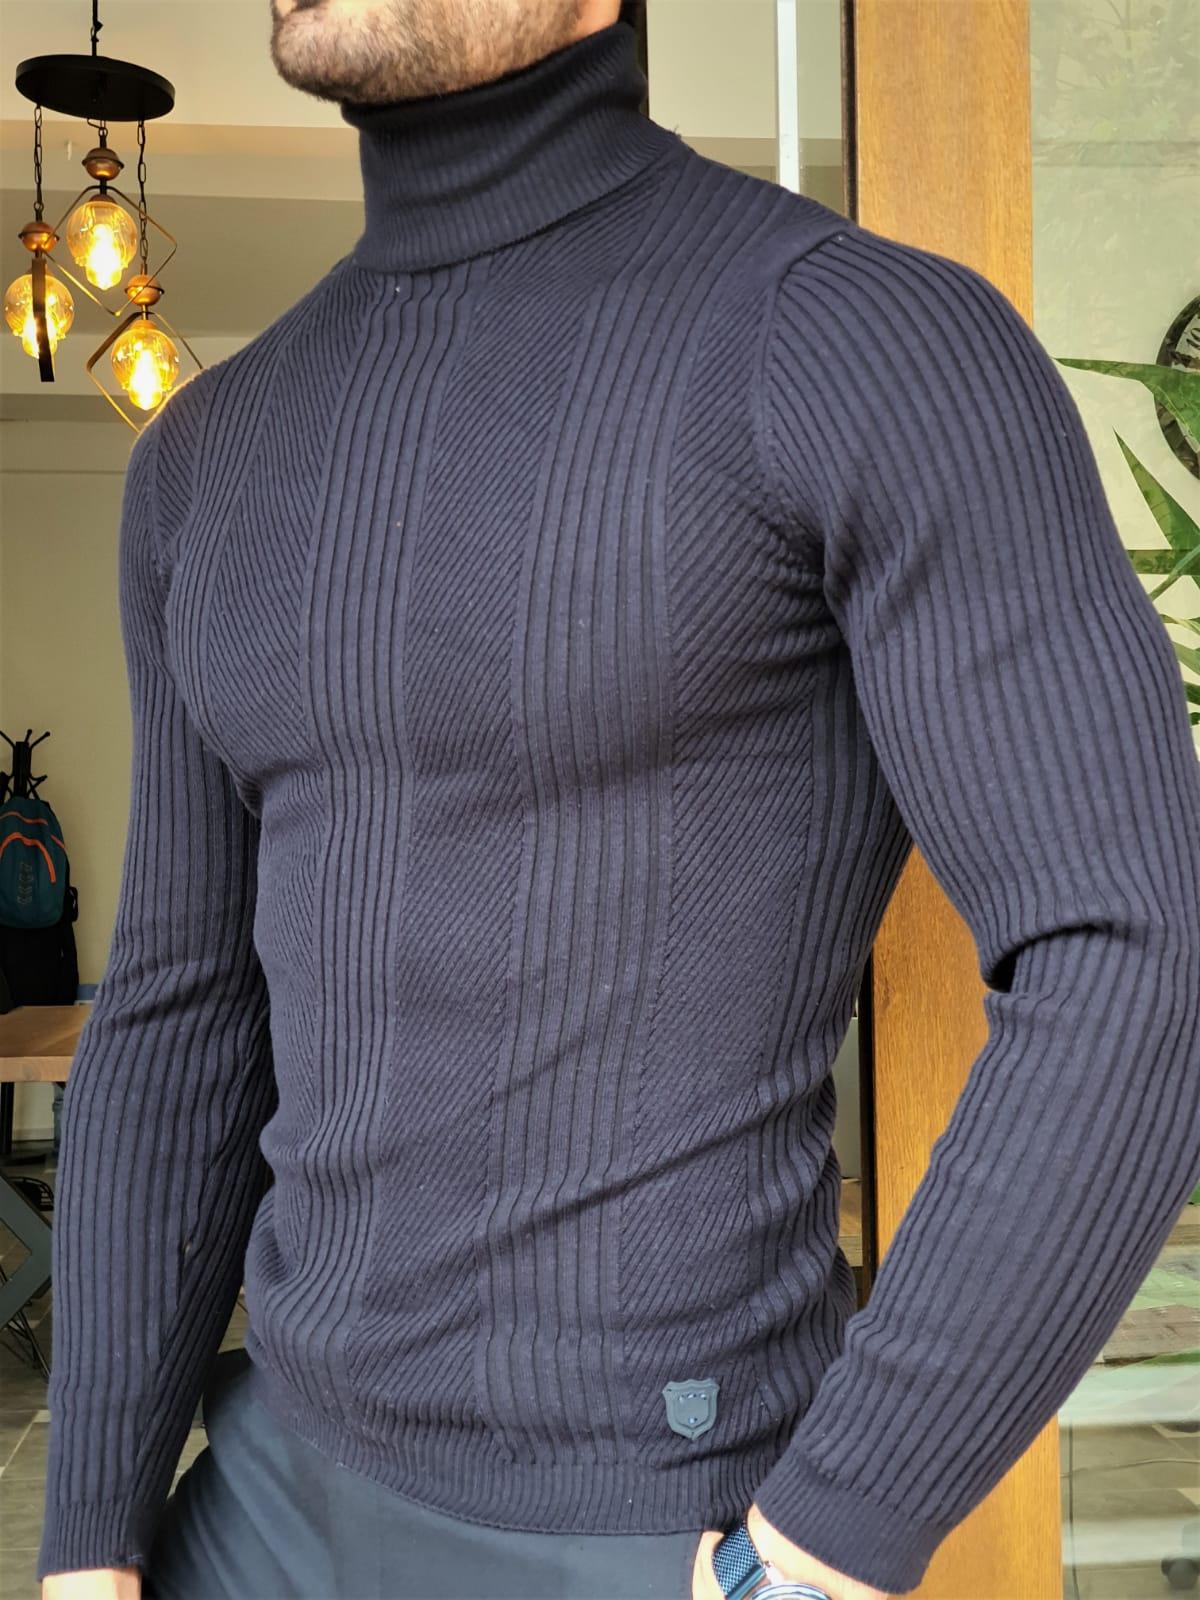 Aysoti Warren Navy Blue Slim Fit Striped Turtleneck Wool Sweater